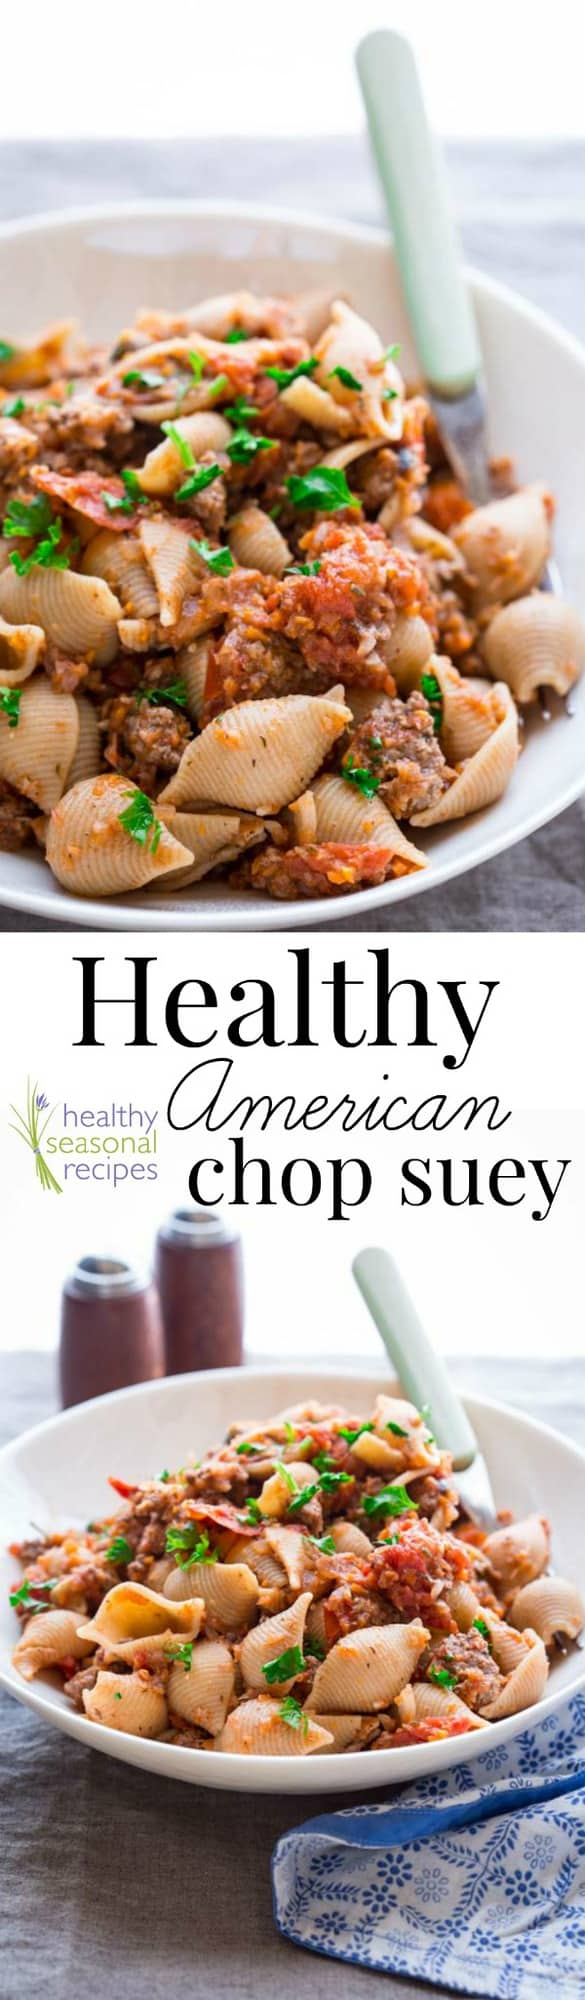 healthy american chop suey - Healthy Seasonal Recipes